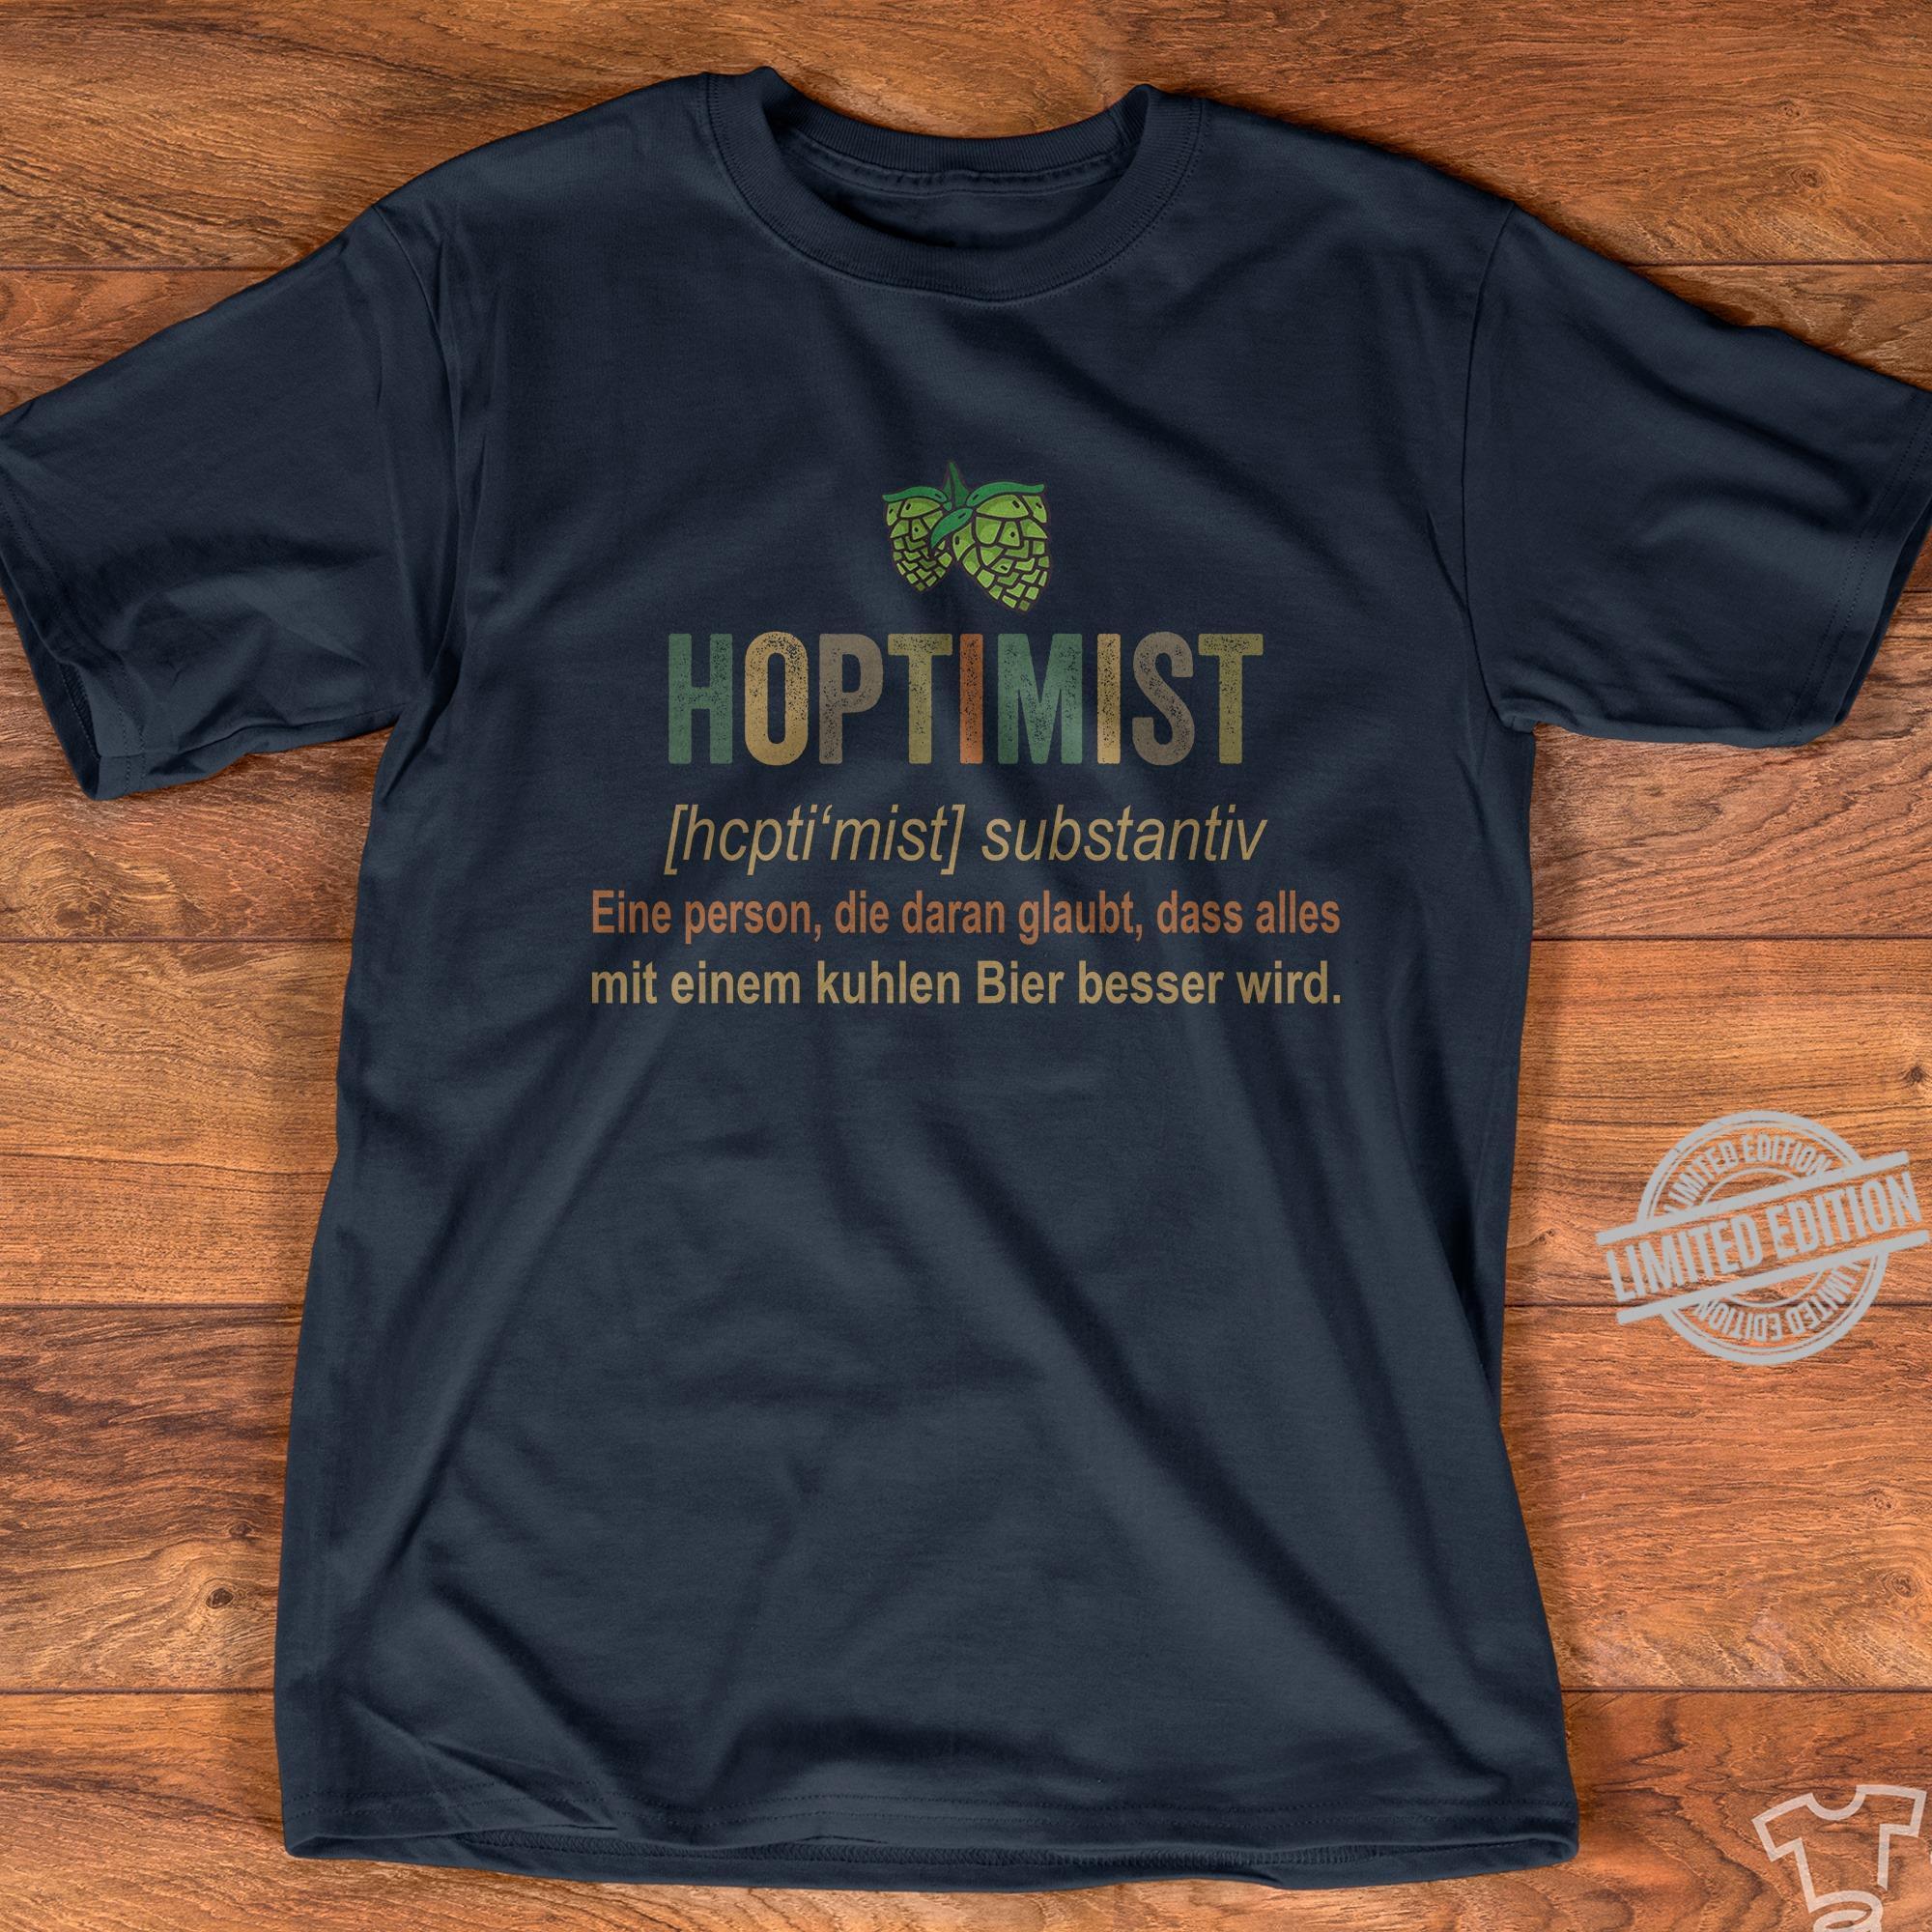 Hoptimist Eine Person Die Daran Glaubt Dass Alles Mit Einem Kuhlen Bier Besser Wird Shirt